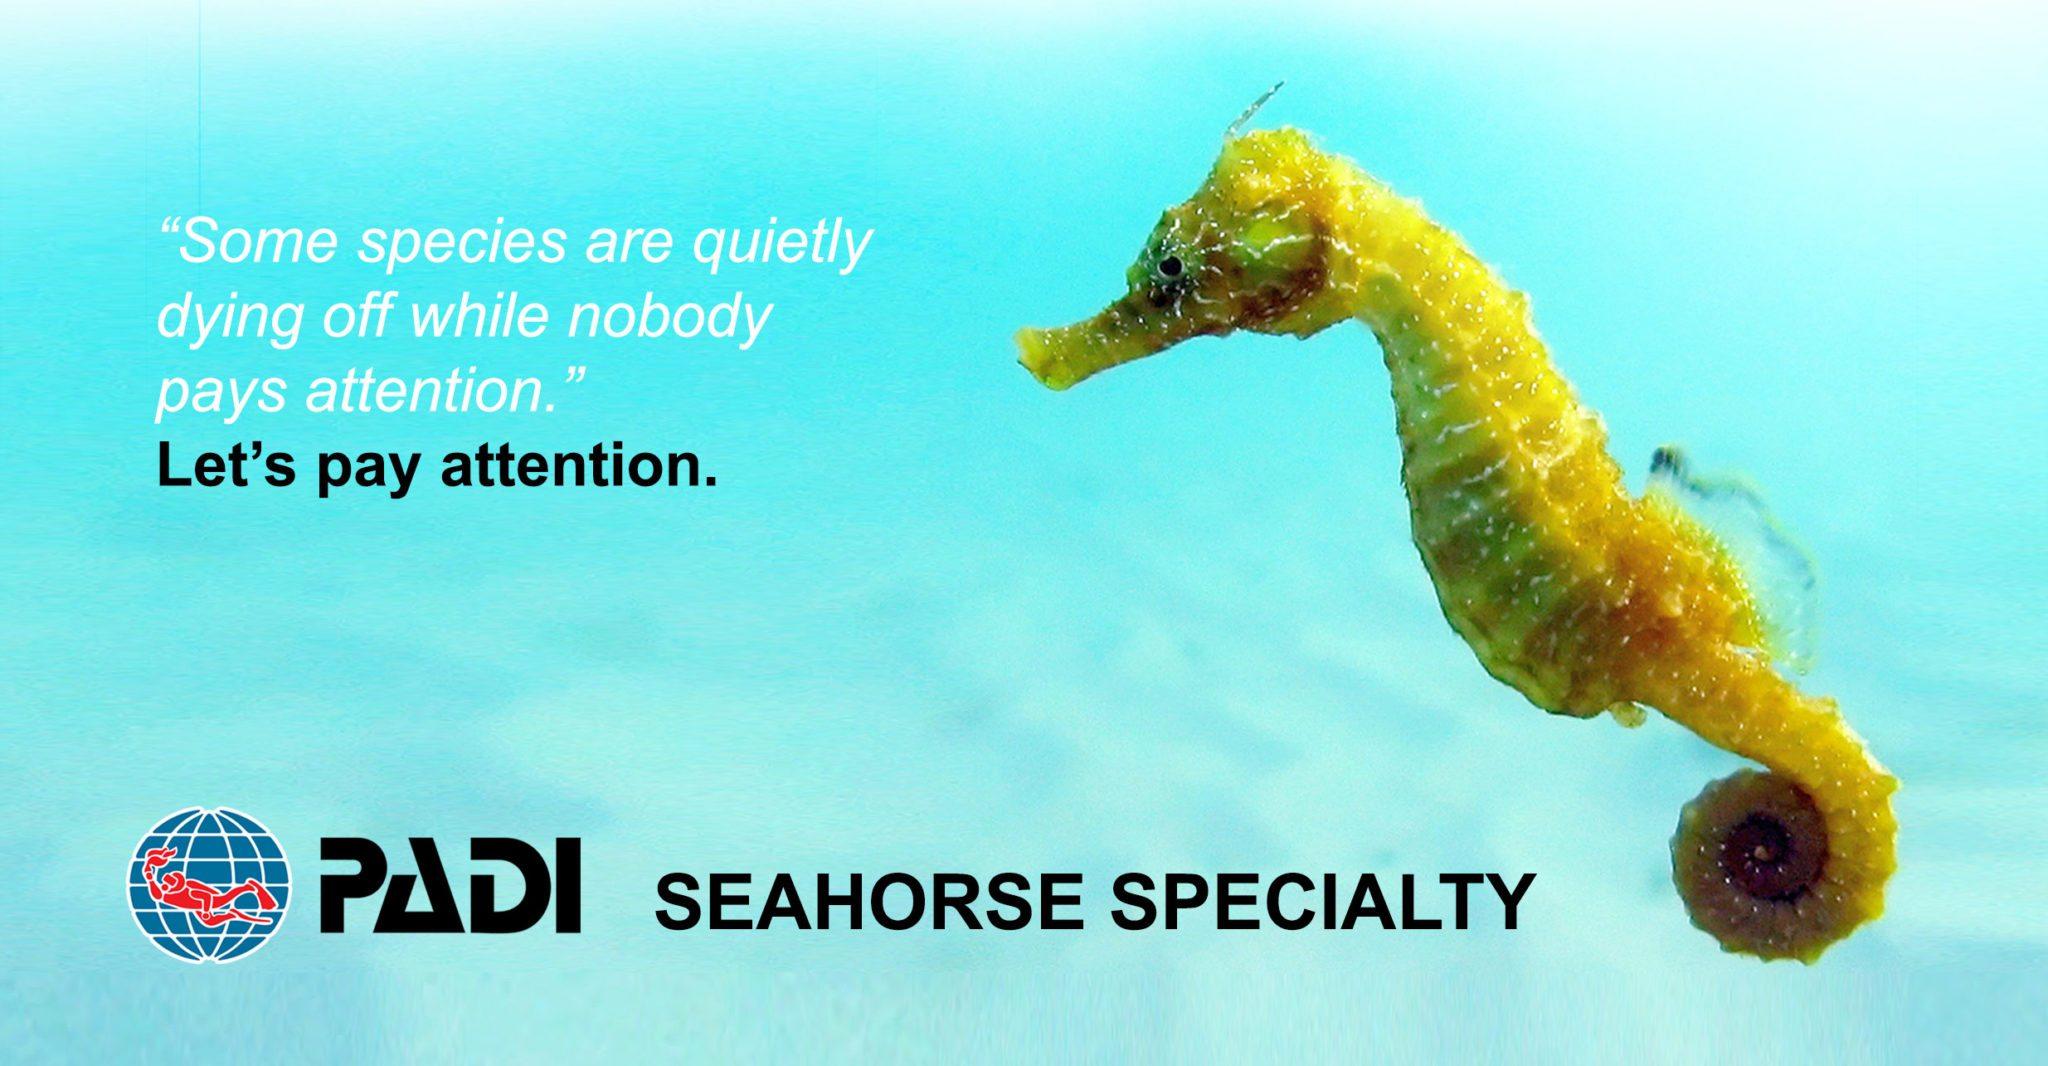 PADI Seahorse Specialty